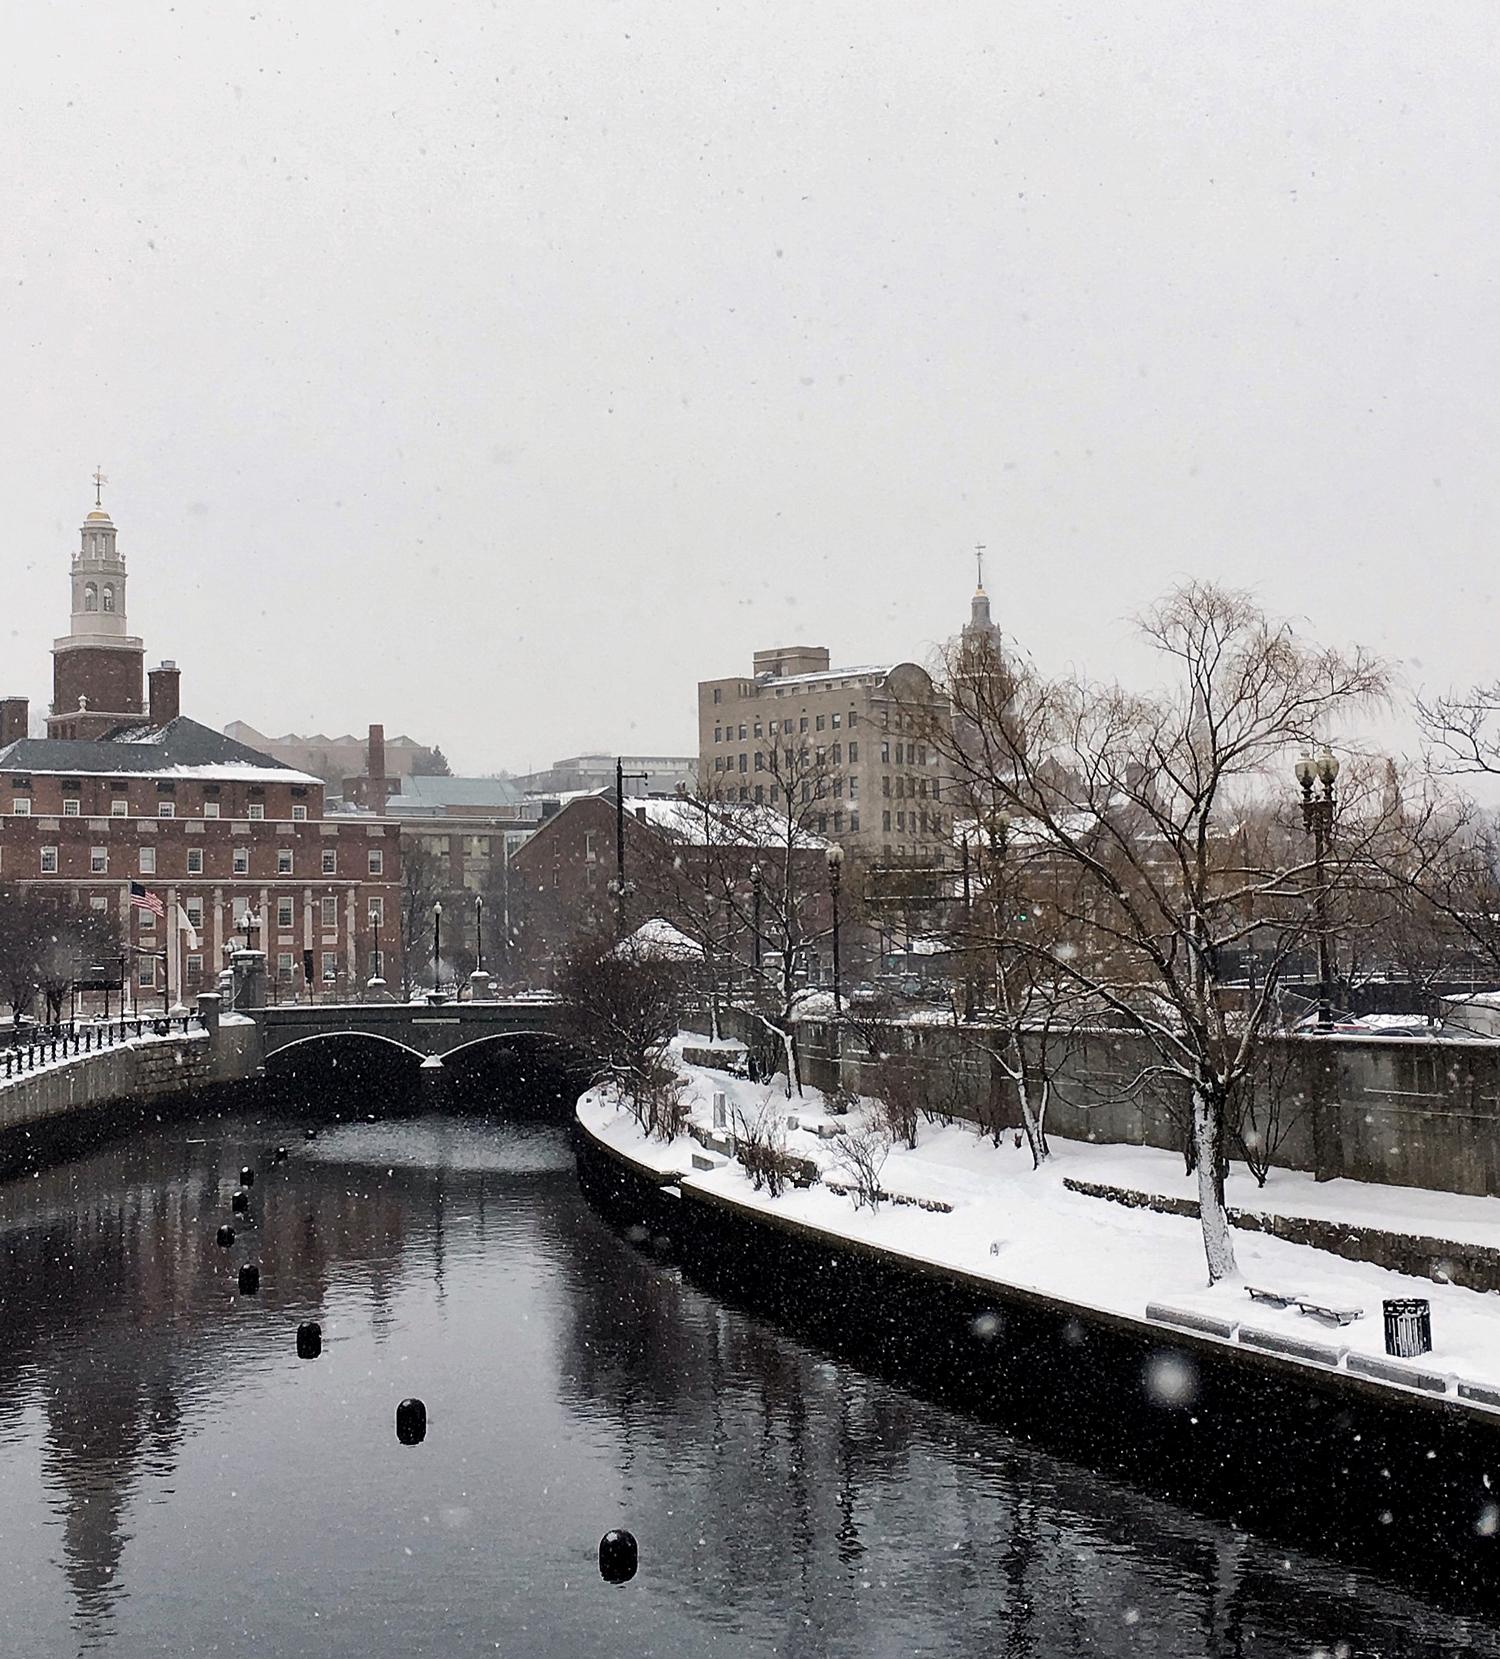 PVD-snow.jpg